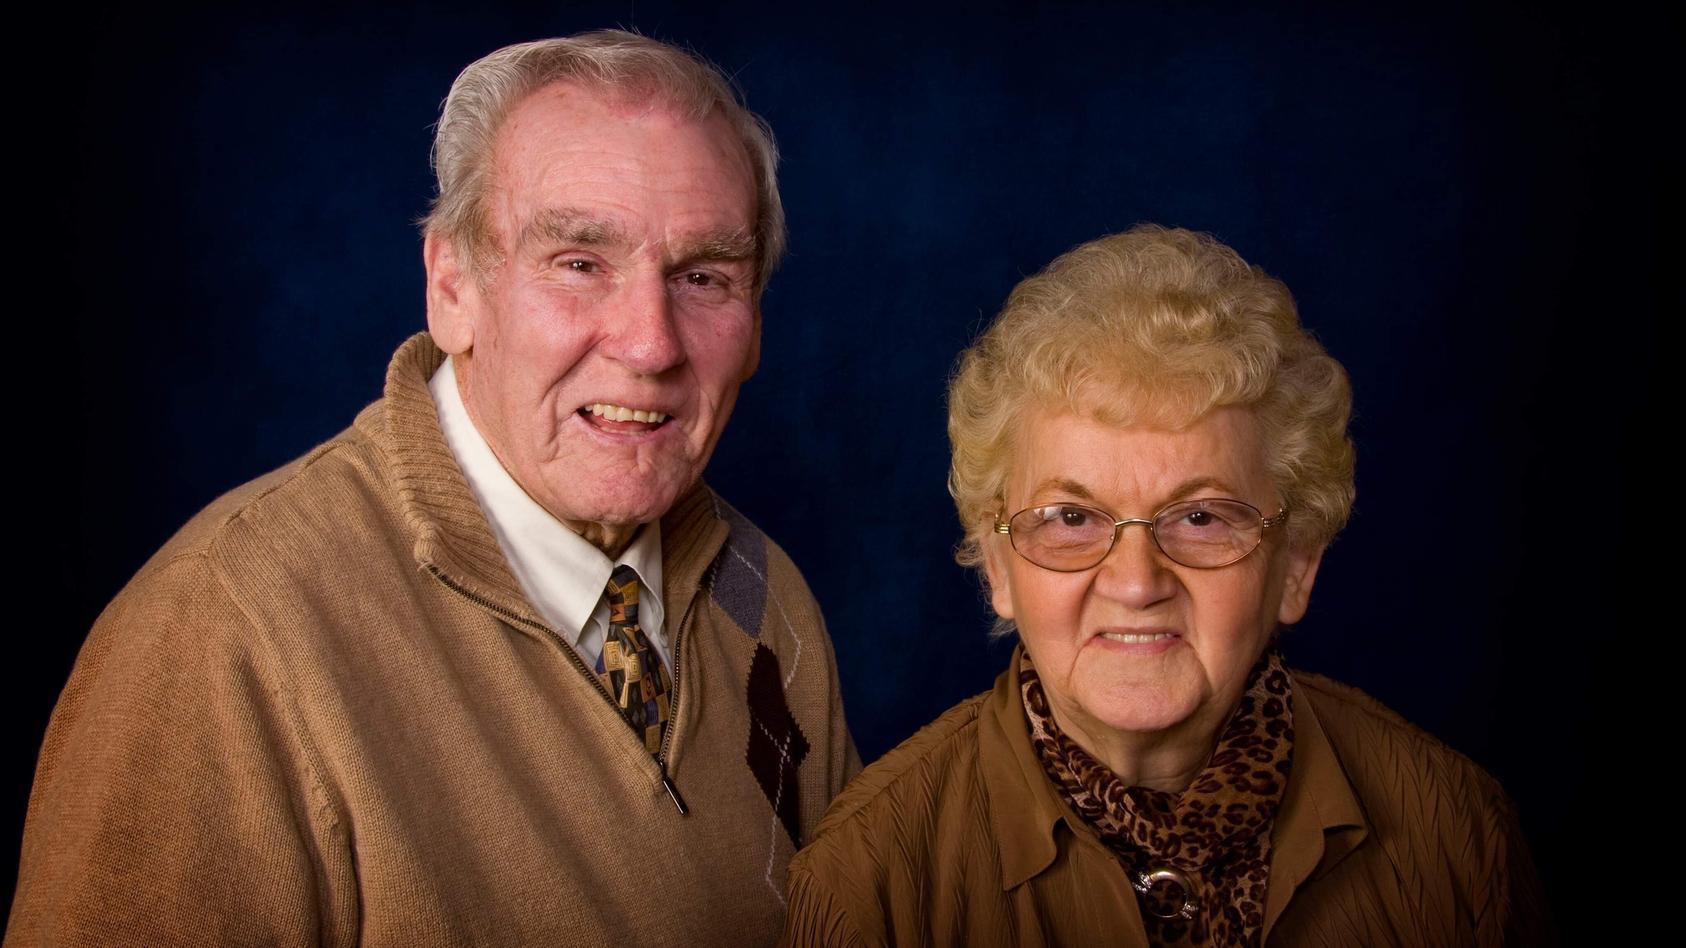 Raymond und Kathleen Atkins waren 70 Jahre lang ein Herz und eine Seele.